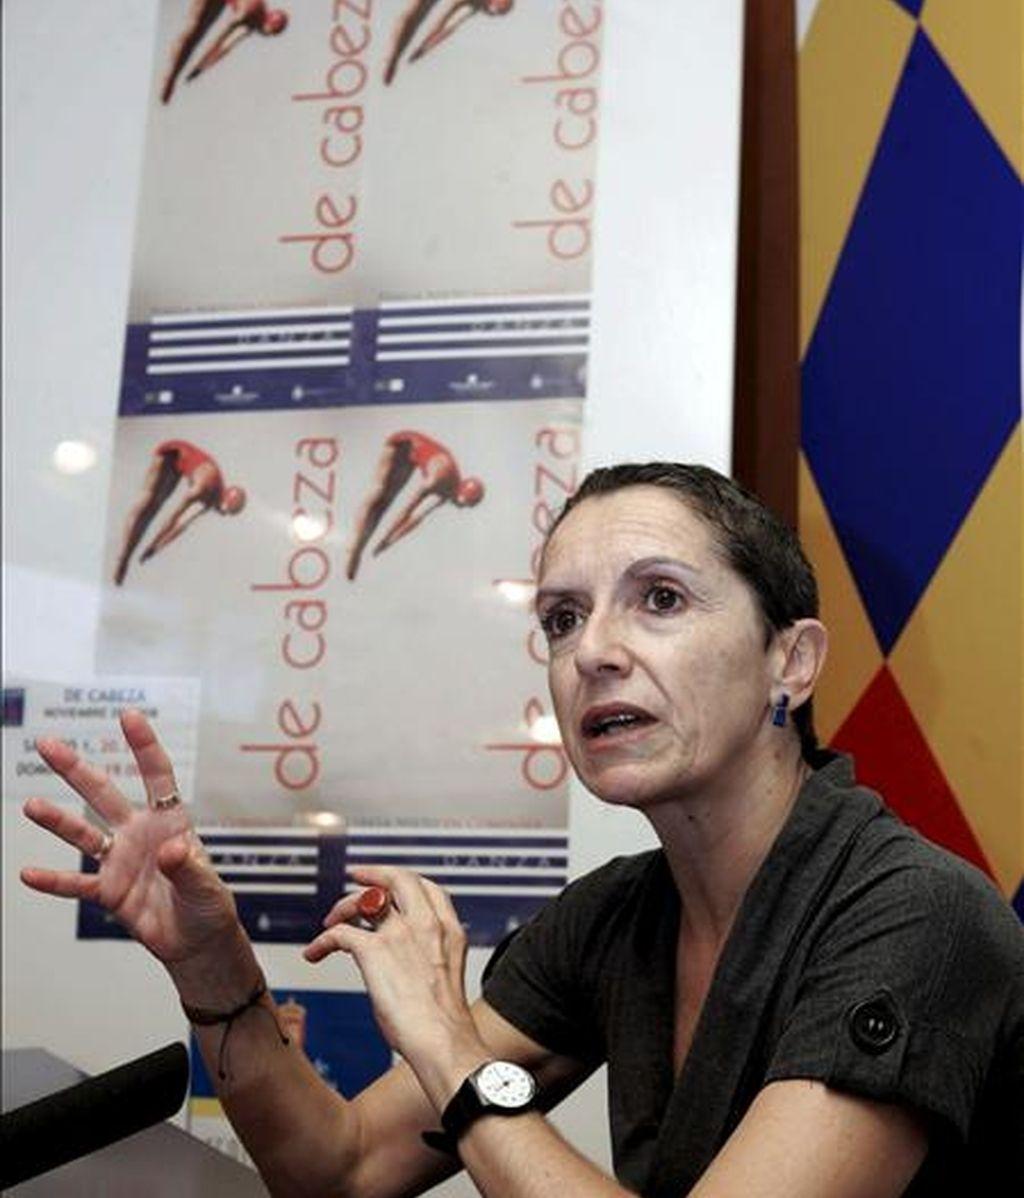 La bailarina y coreógrafa Teresa Nieto. EFE/Archivo